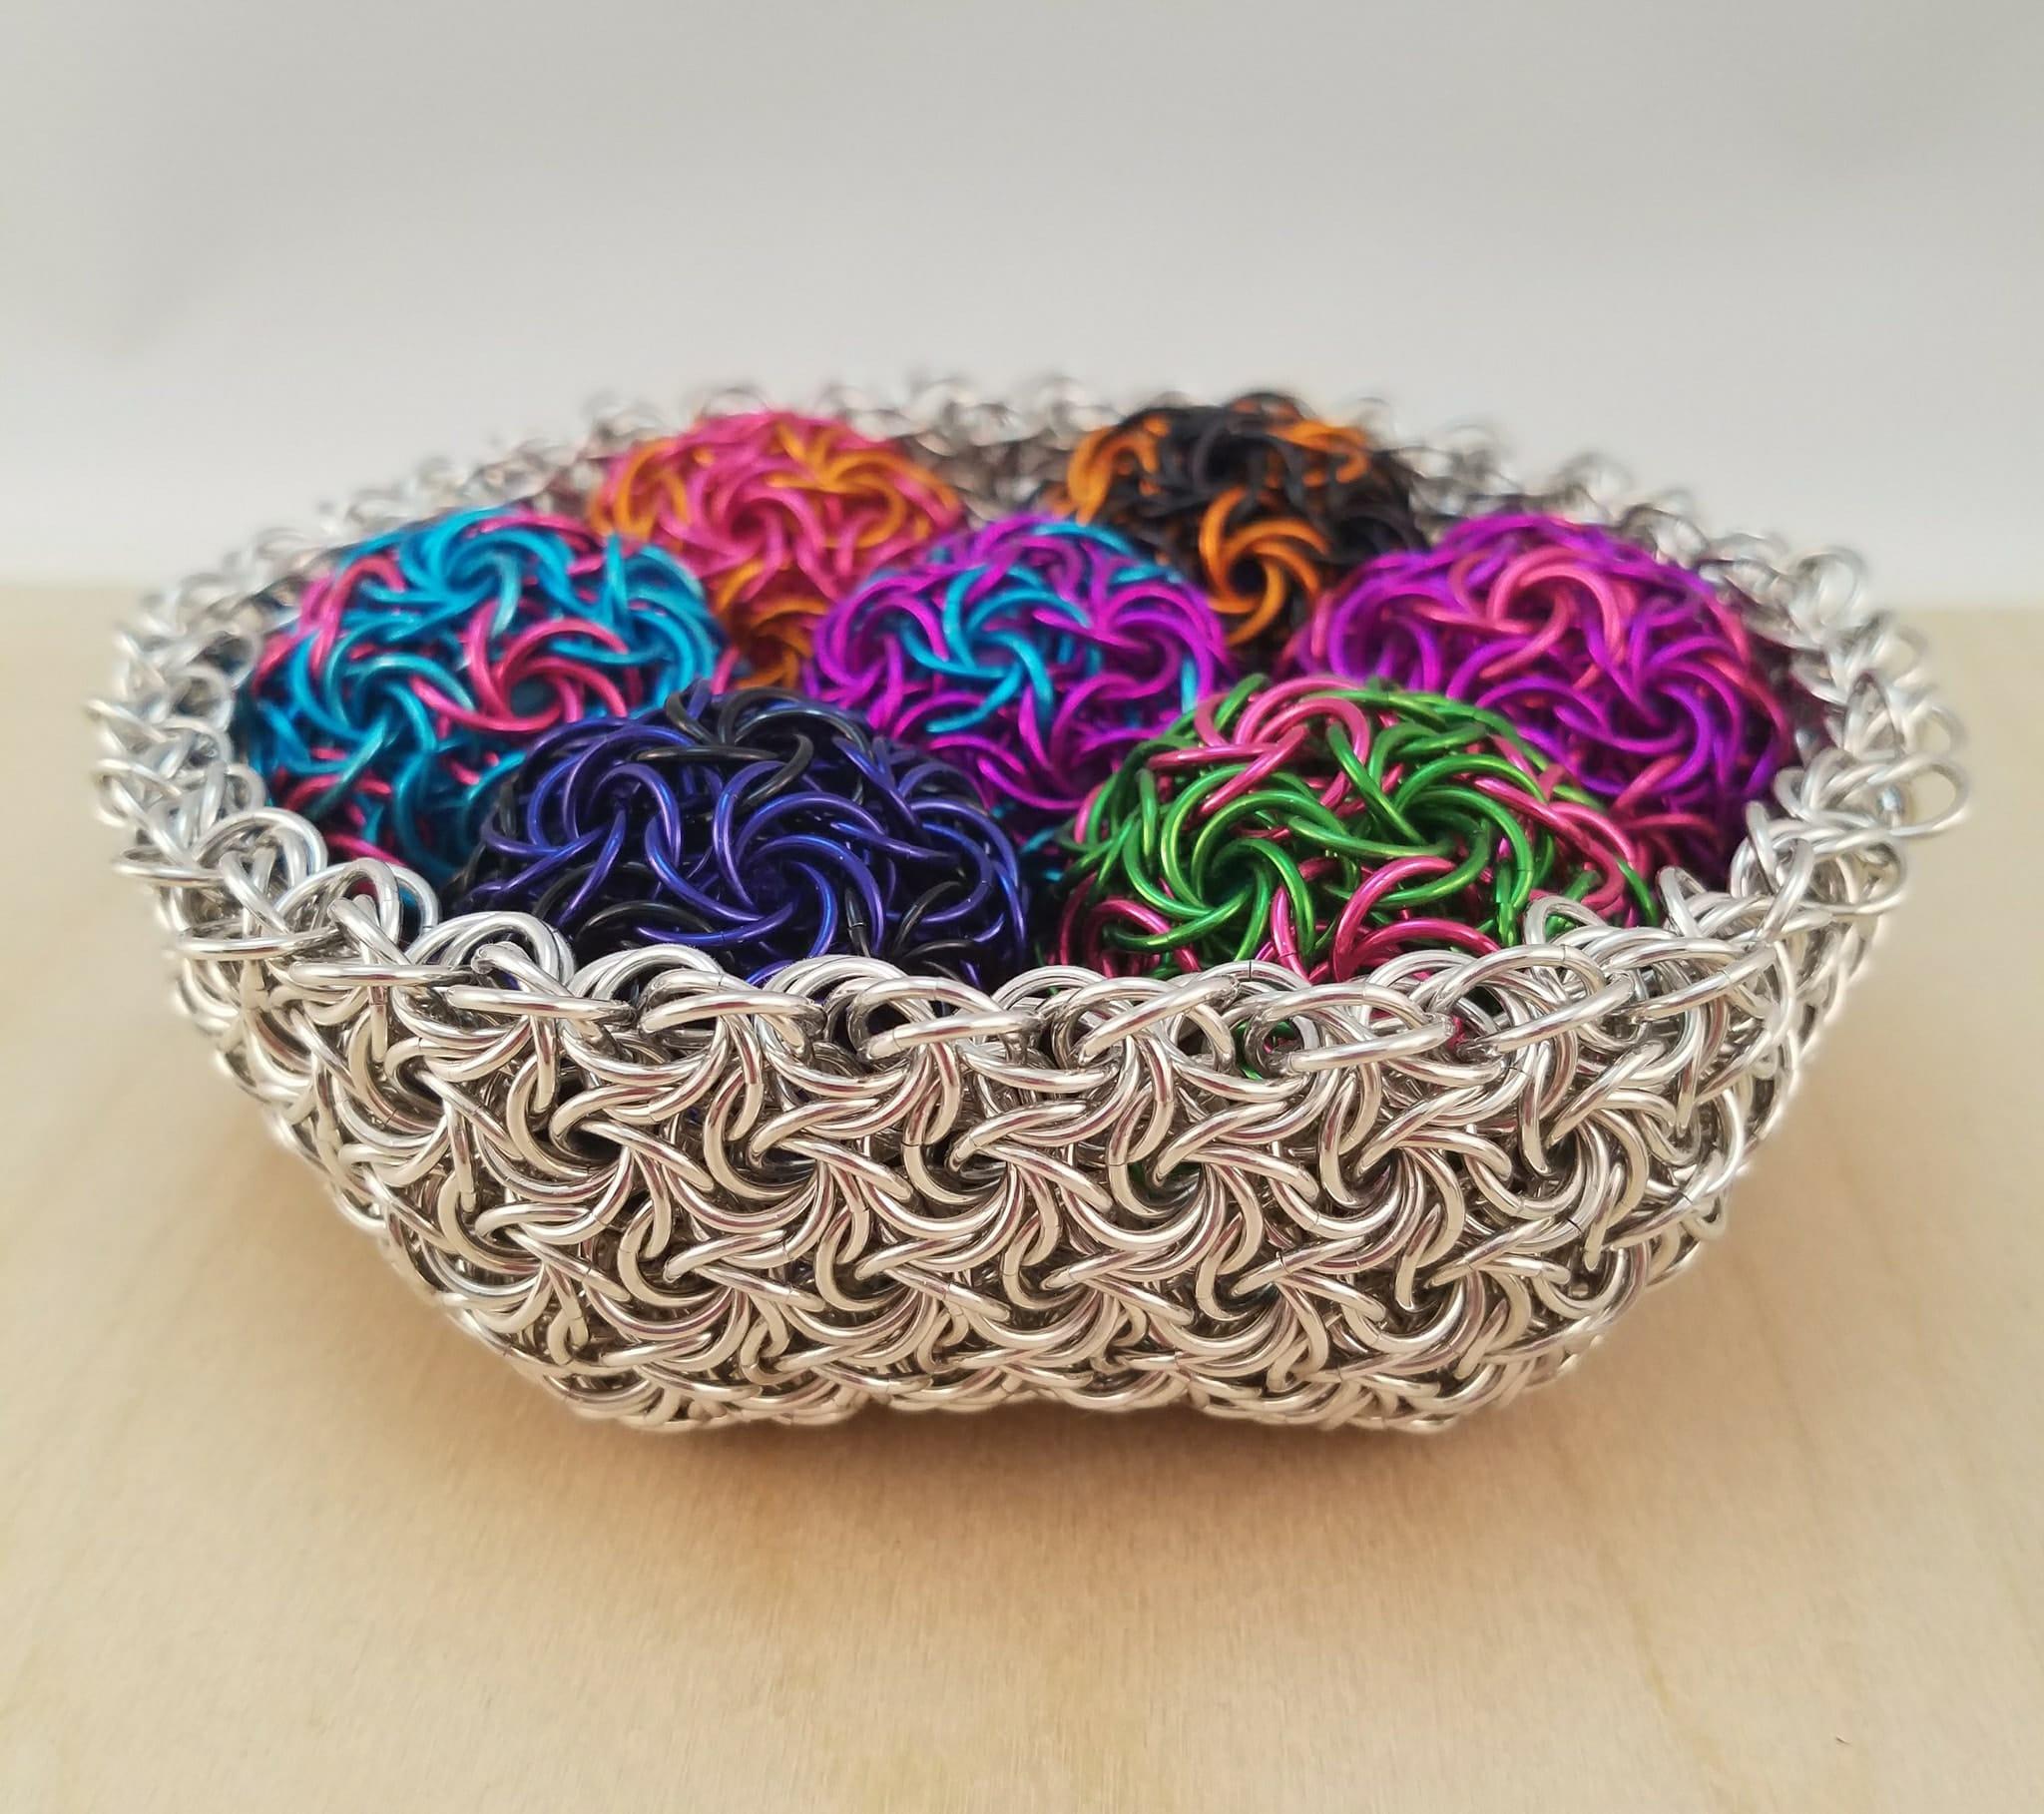 aluminum moorish rose basket with colorful moorish rose balls by lisa ellis